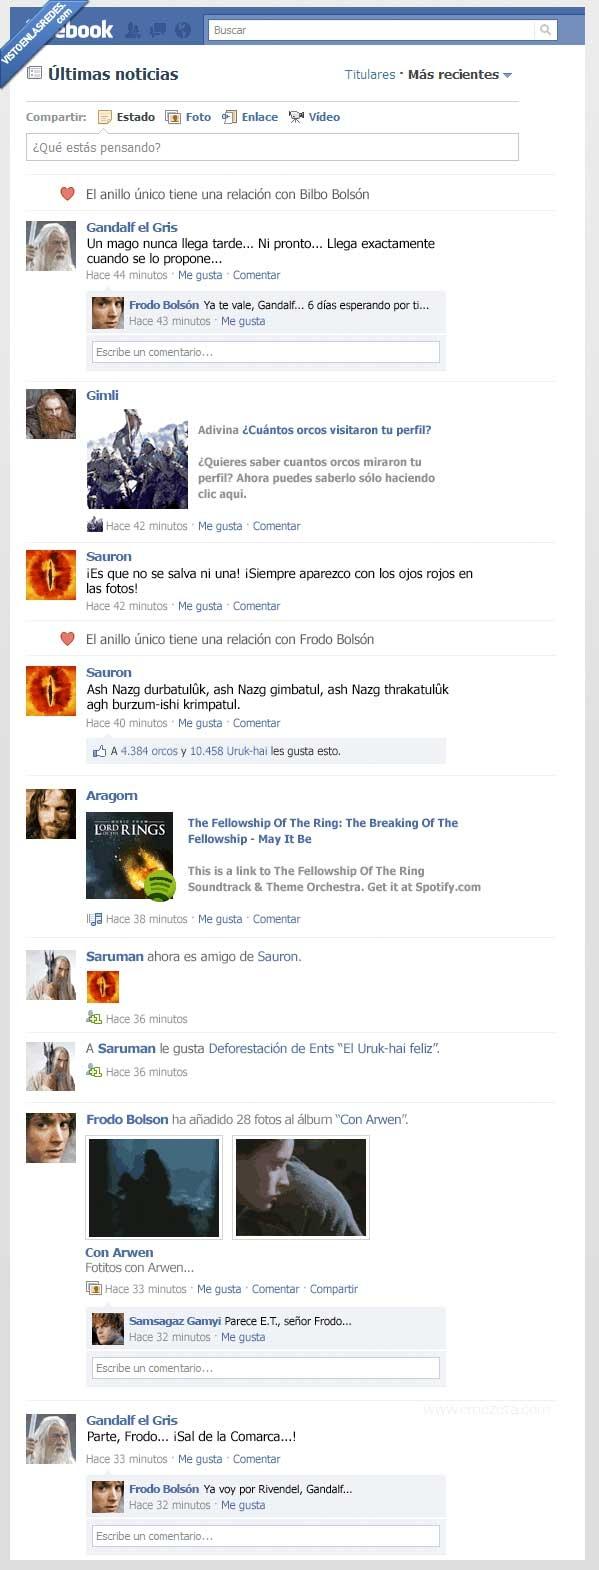 aragorn,facebook,frodo bolson,gandalf,sauron,señor de los anillos,tarde